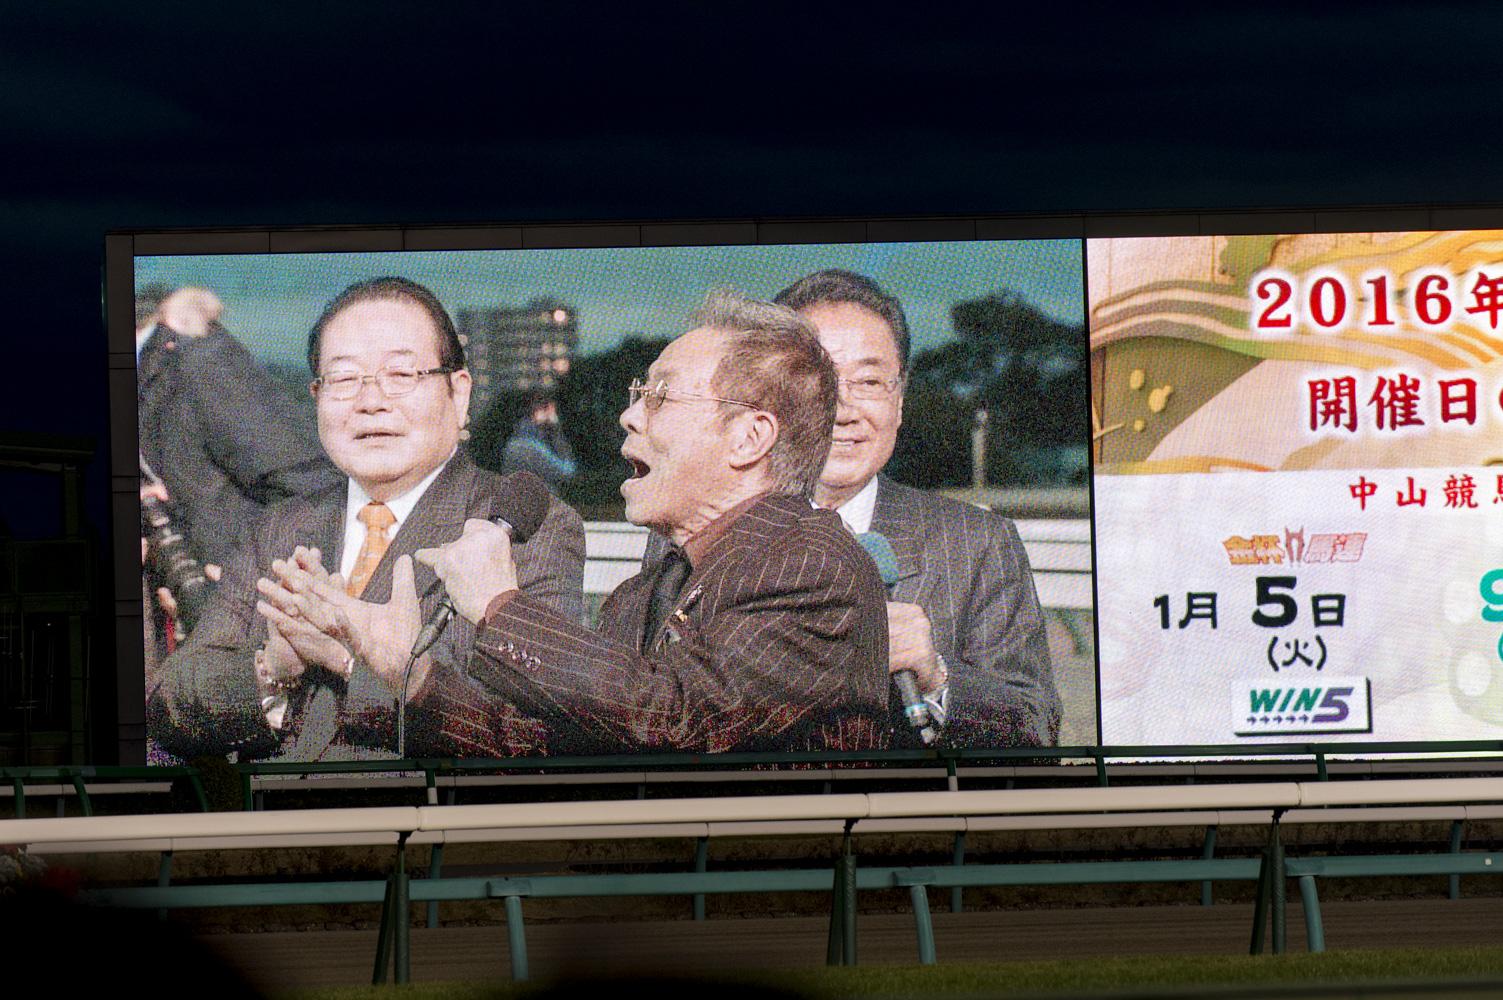 えっ? 北島三郎さんが「まつり」を歌ってる!